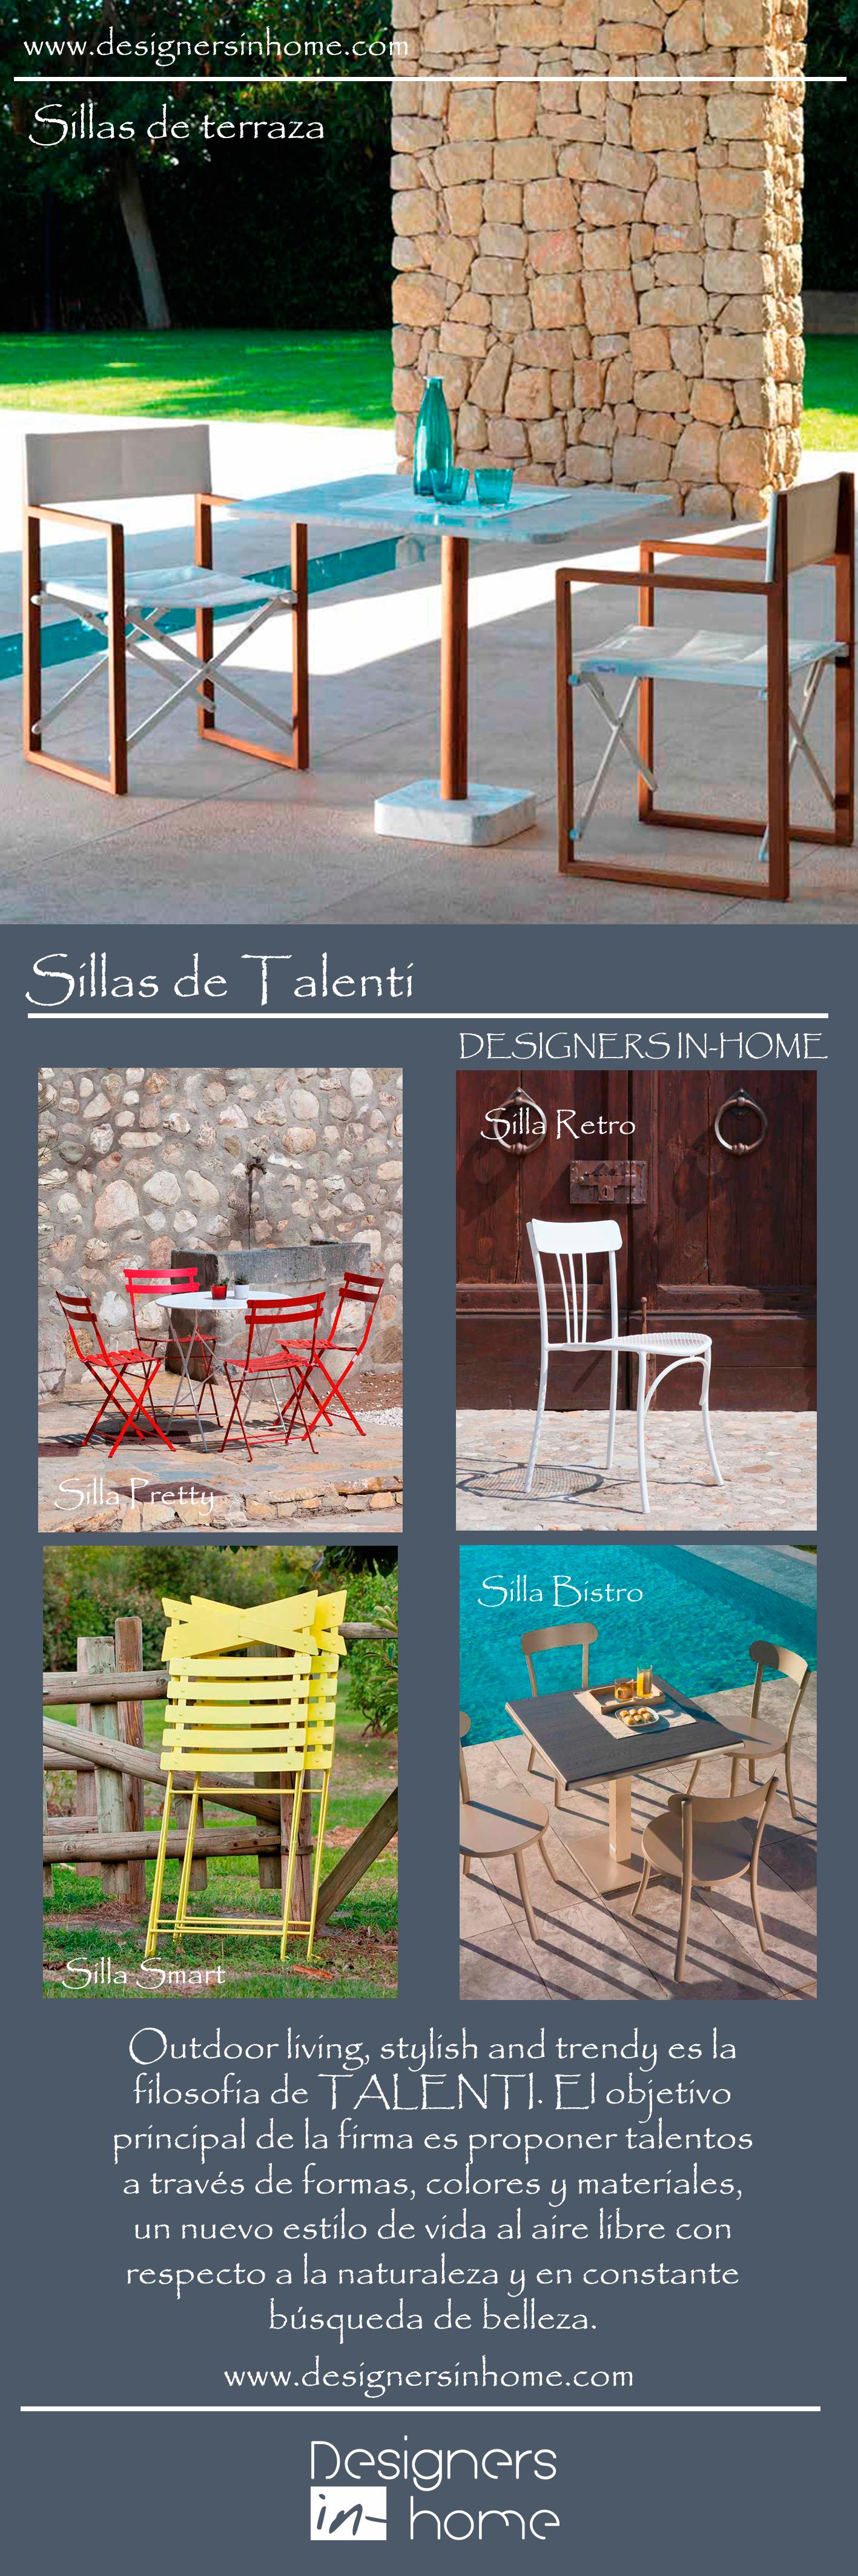 Pin de DESIGNERS IN-HOME en DESIGNERS IN-HOME RECOMIENDA | Pinterest ...